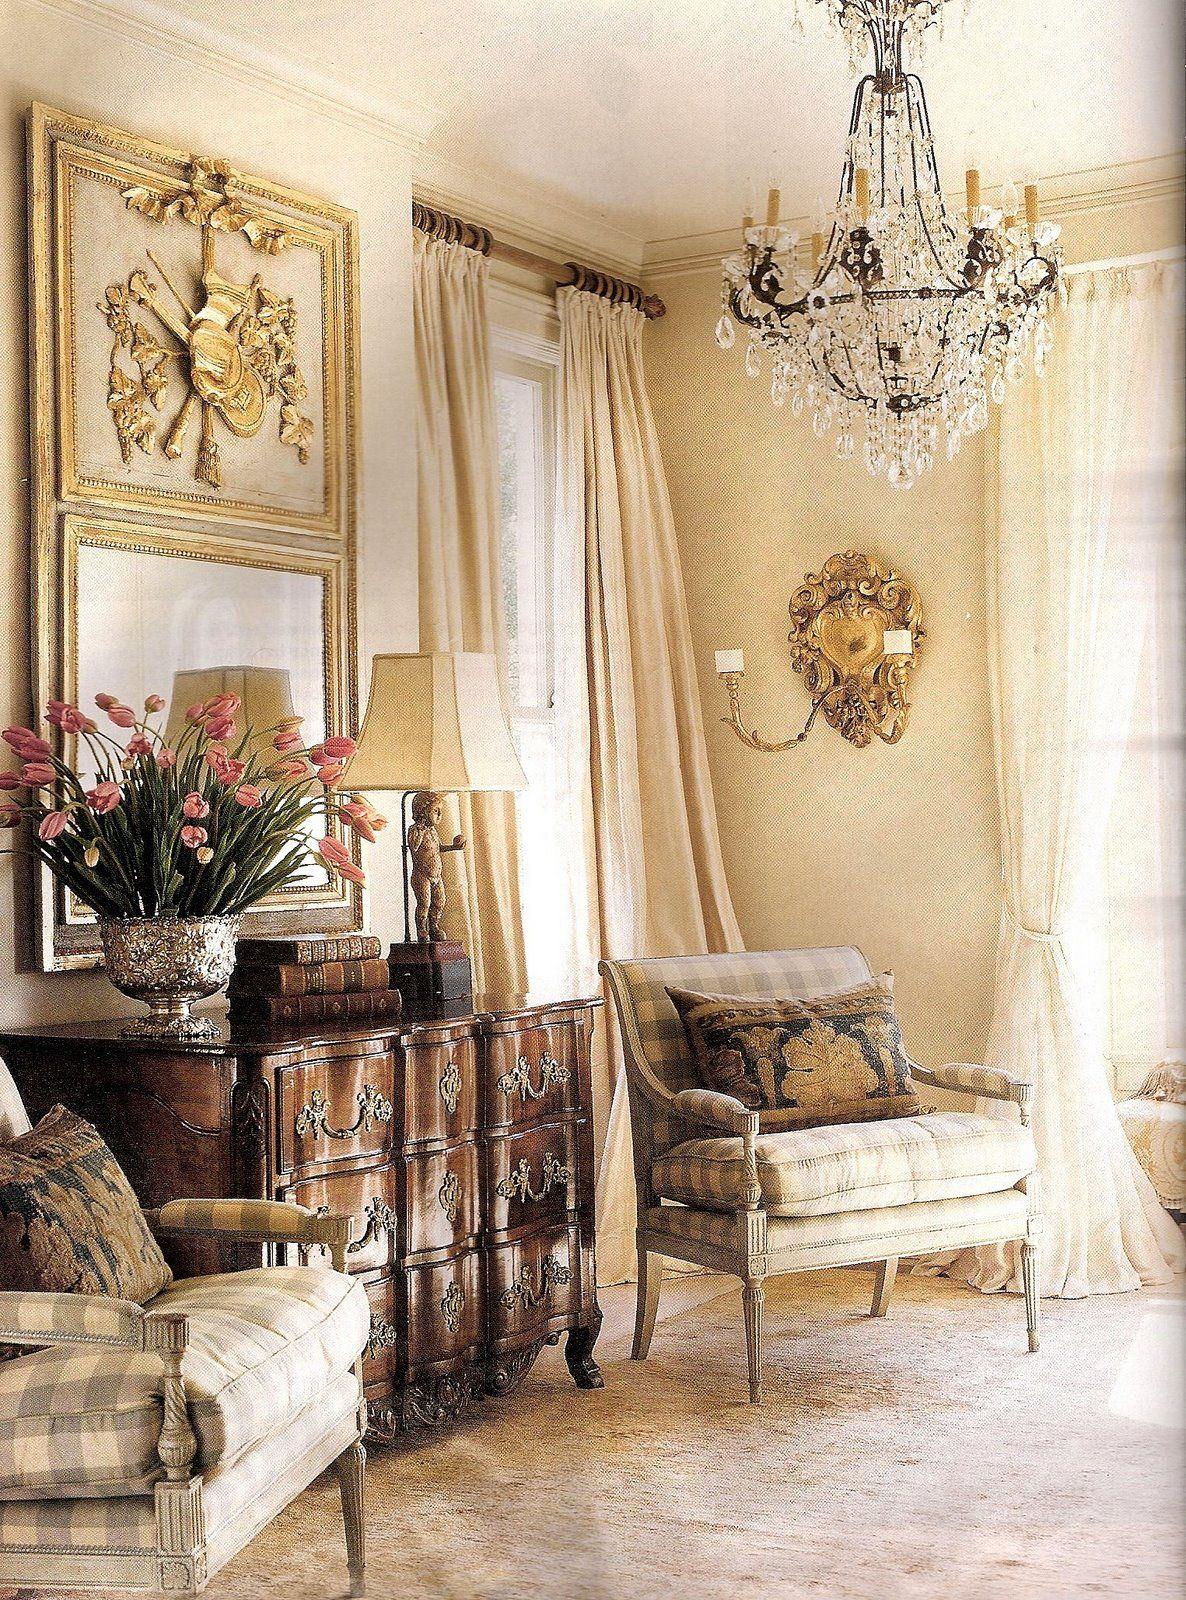 EVERYTHINGfurniture mirror curtains chandelier Dream Home